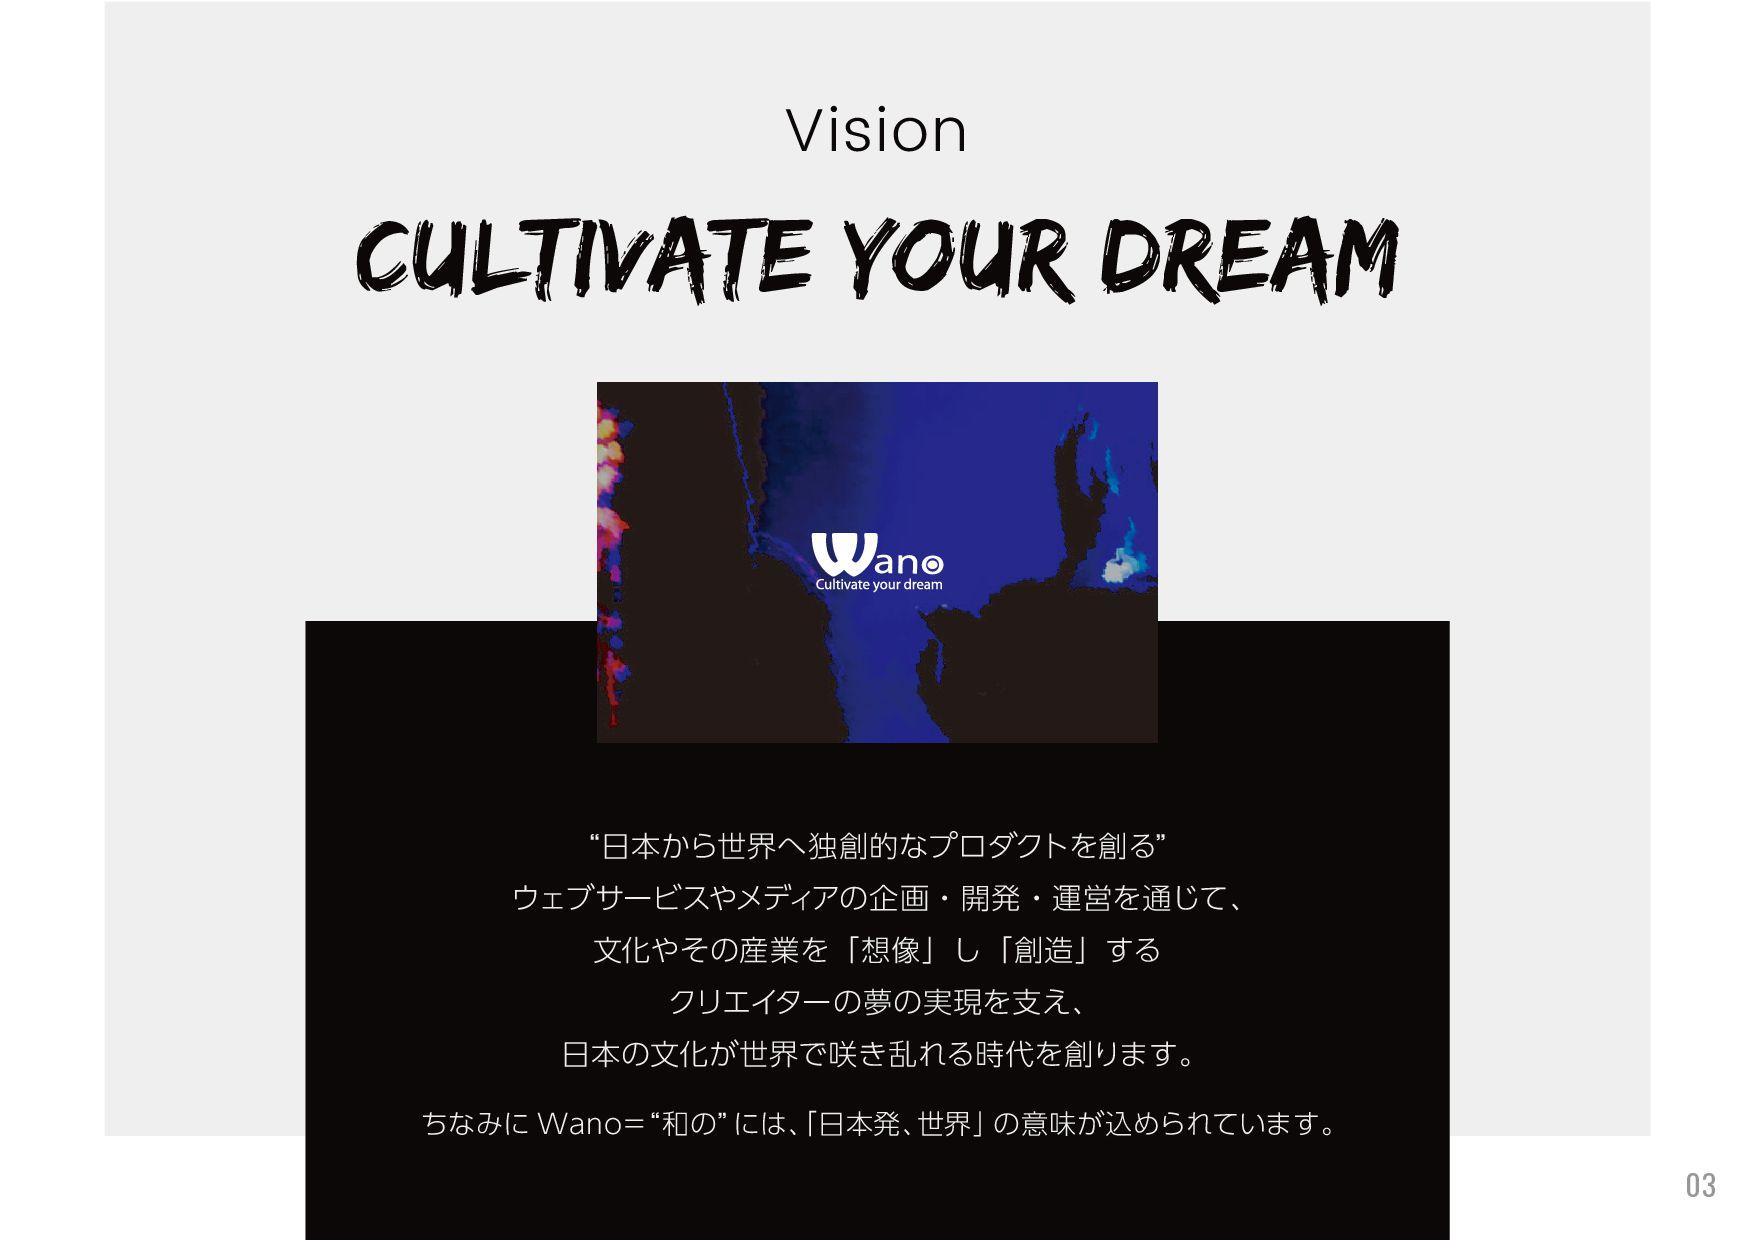 Cultivate your dream lຊ͔ΒੈքಠతͳϓϩμΫτΛΔz Σϒα...